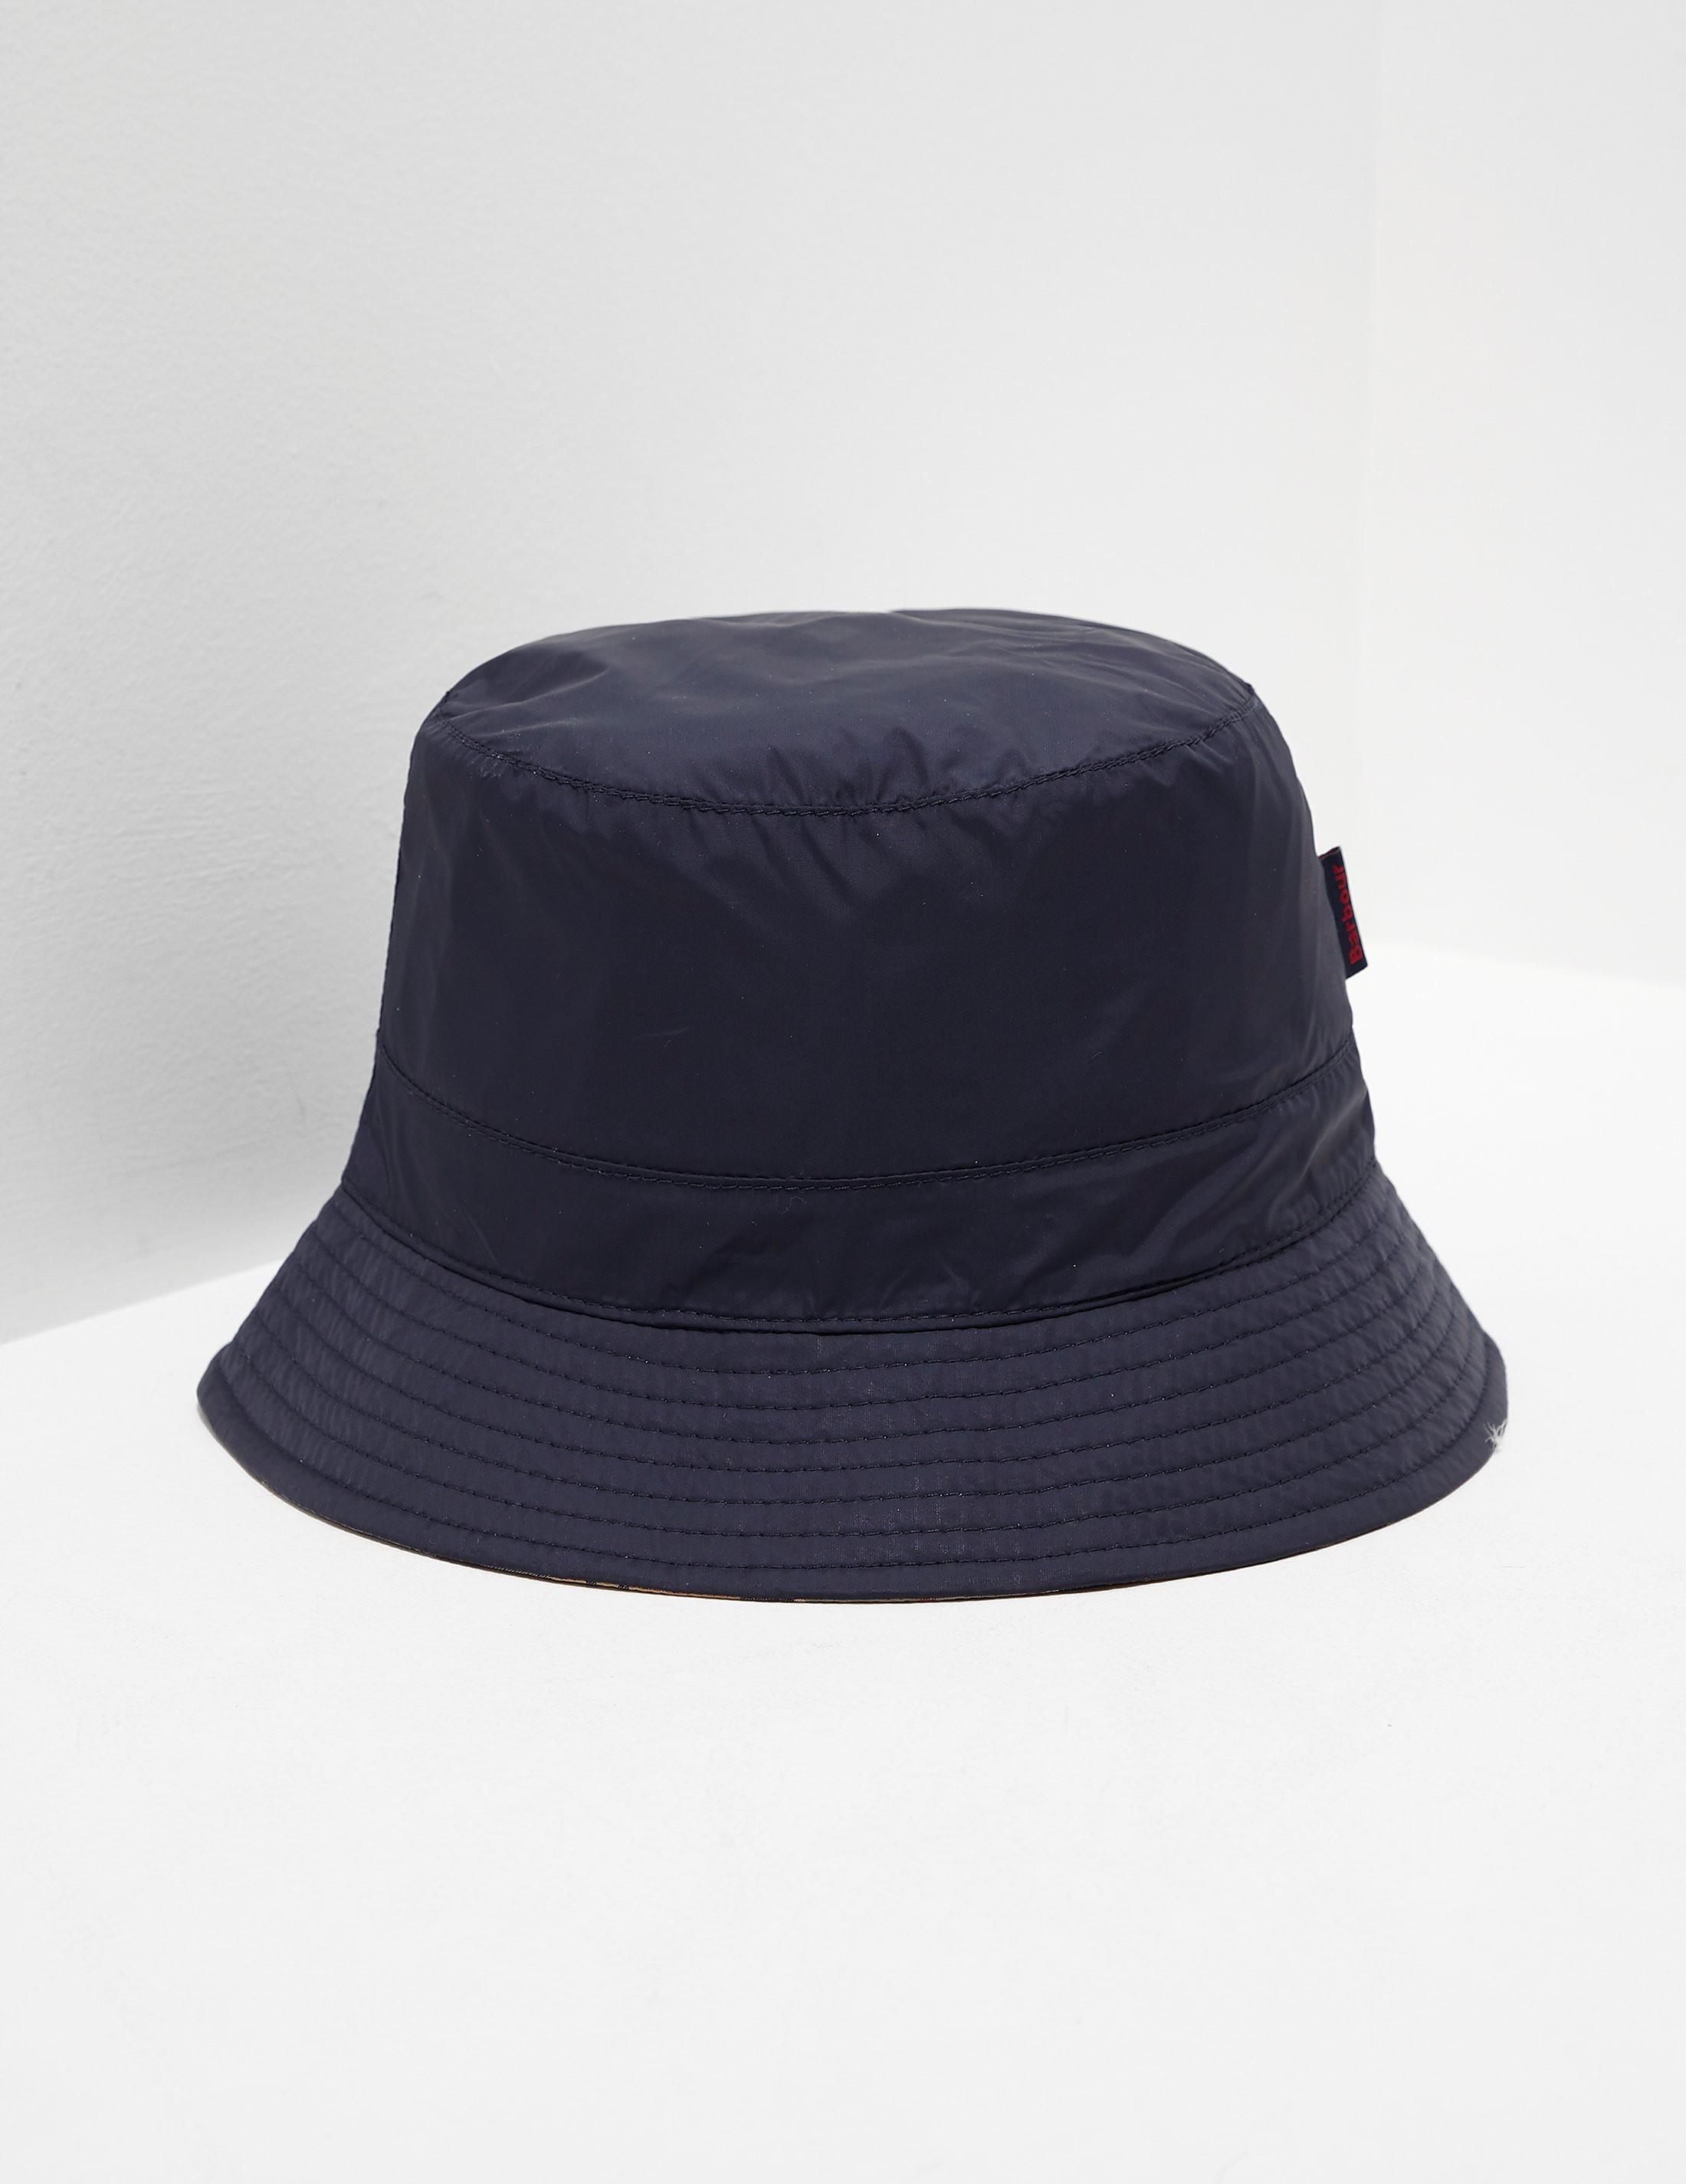 Barbour Reverse Tartan Bucket Hat